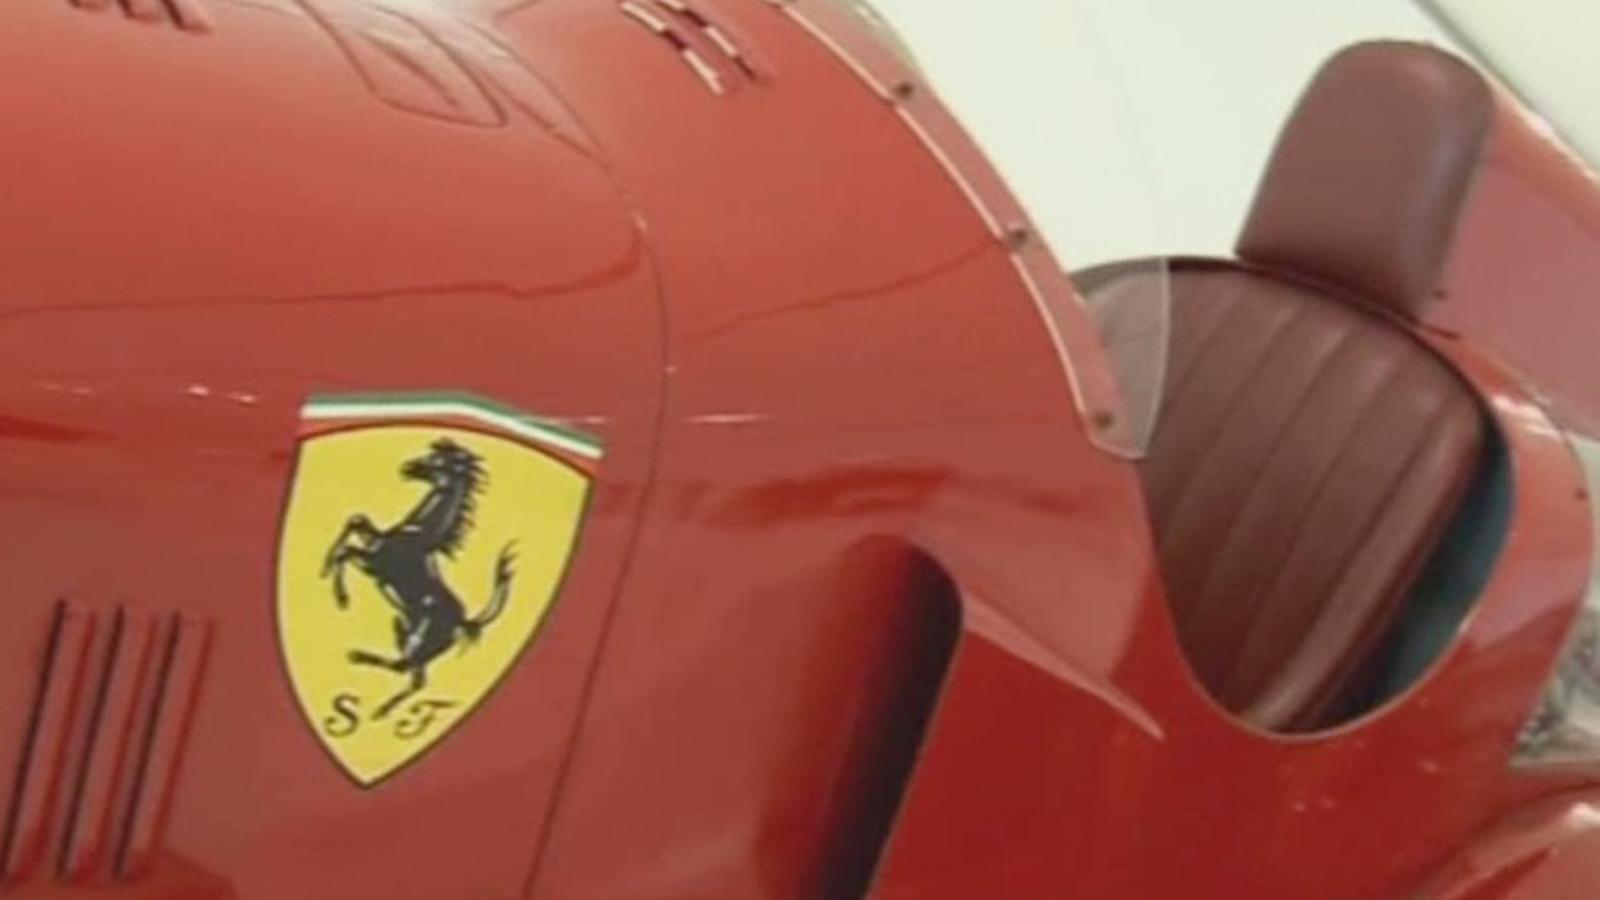 Un museu homenatja Enzo Ferrari, a Mòdena (Itàlia)